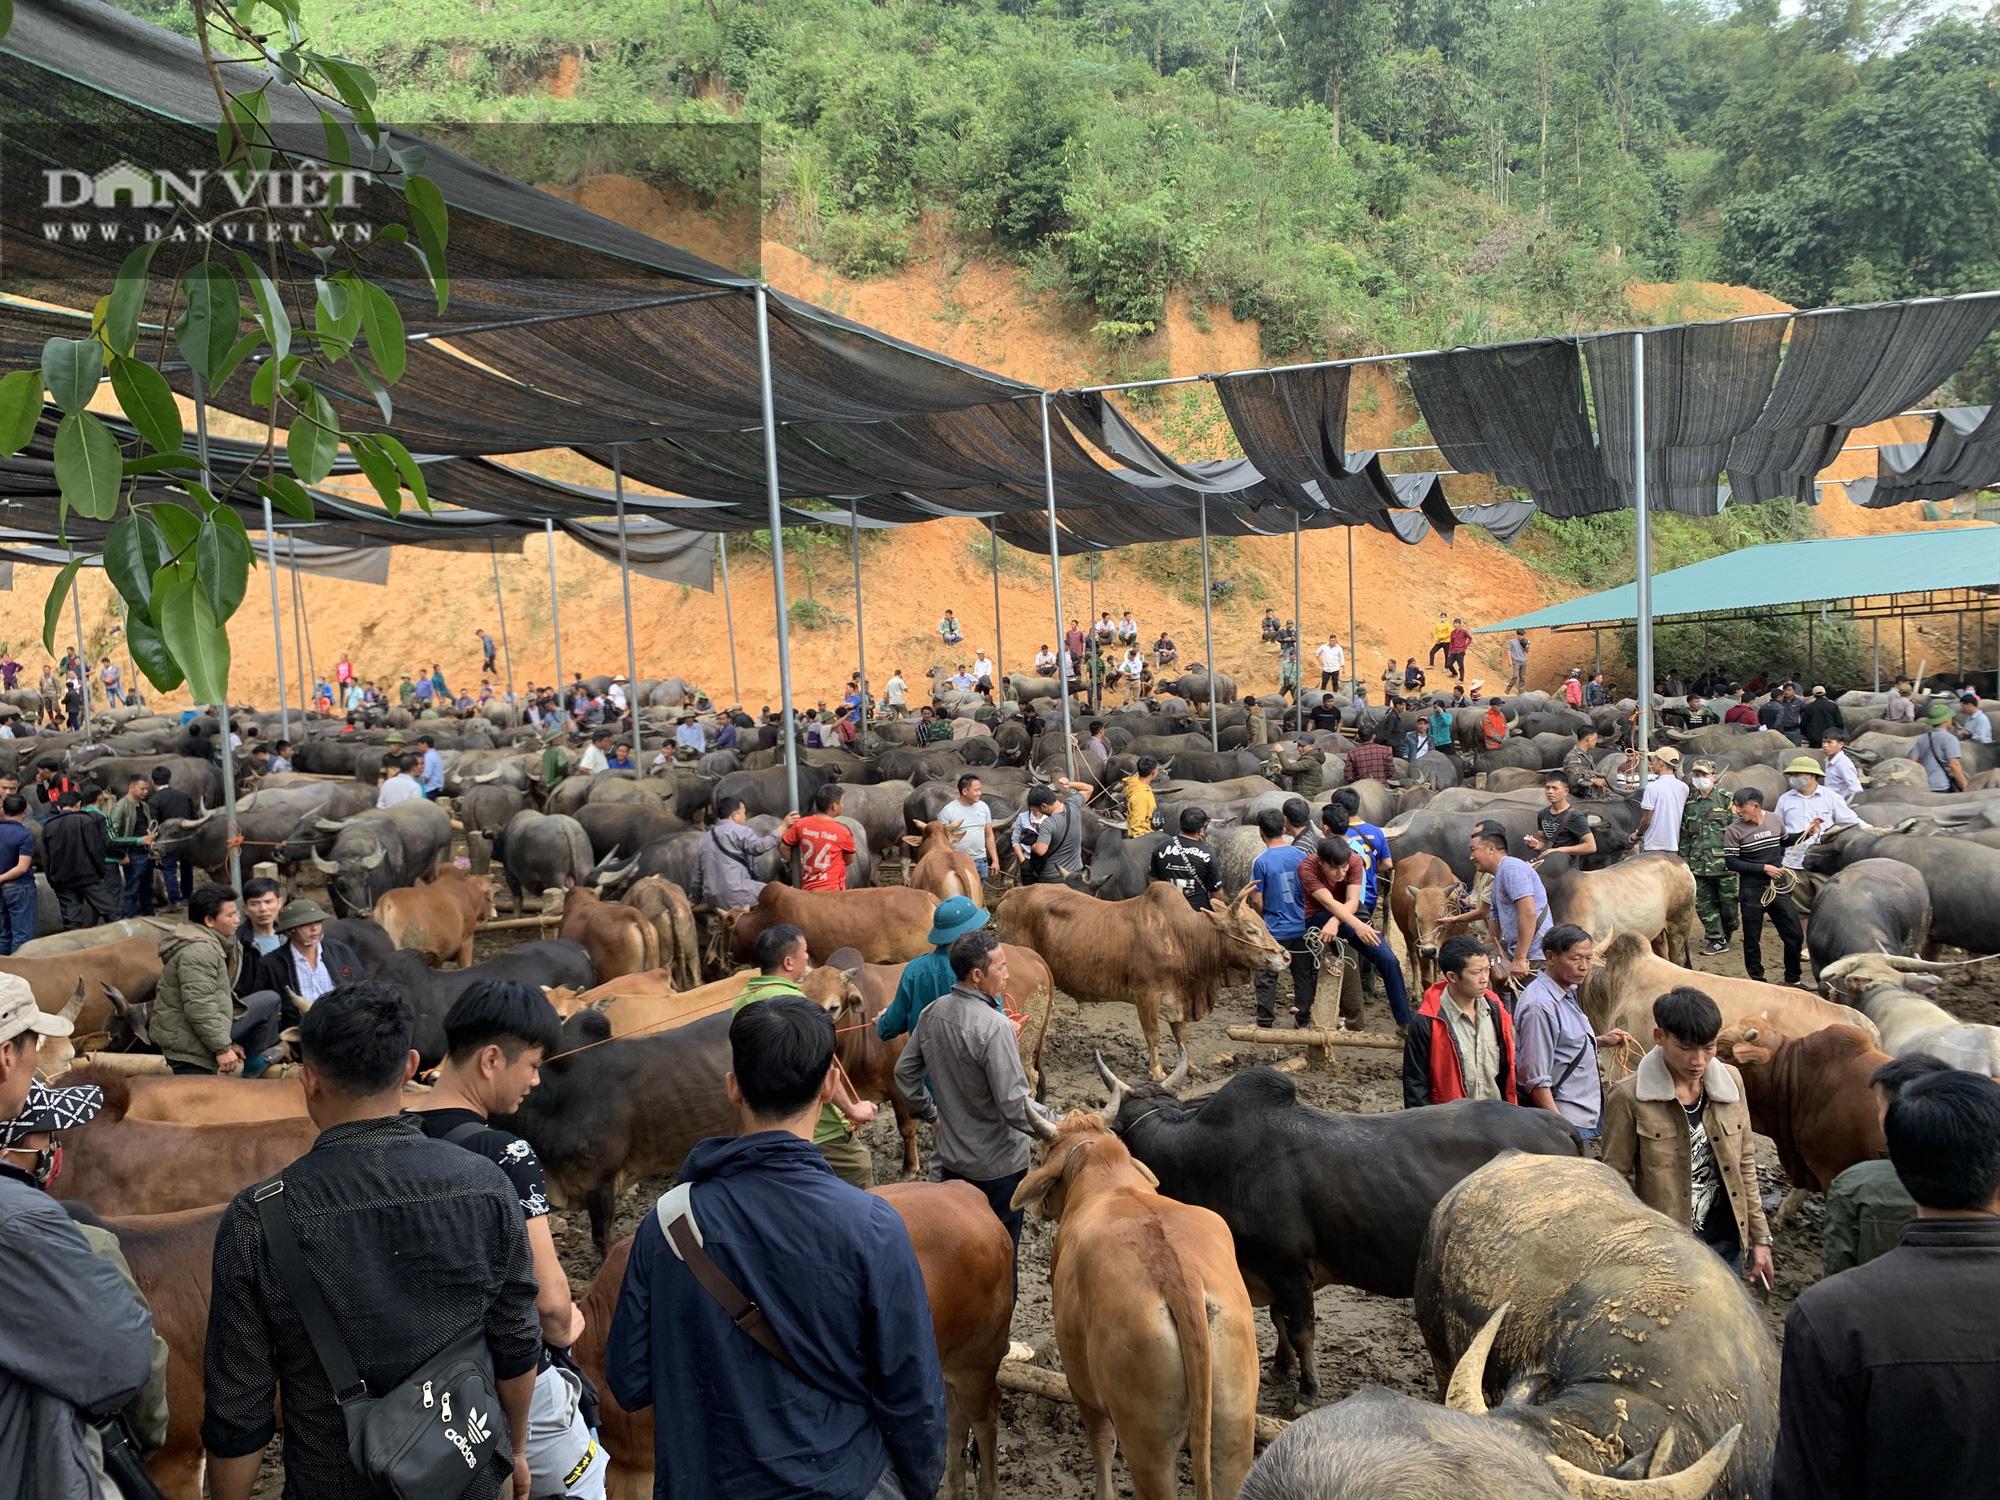 Bắc Kạn khó khăn trong công tác kiểm soát dịch bệnh tại chợ trâu, bò Nghiên Loan - Ảnh 1.